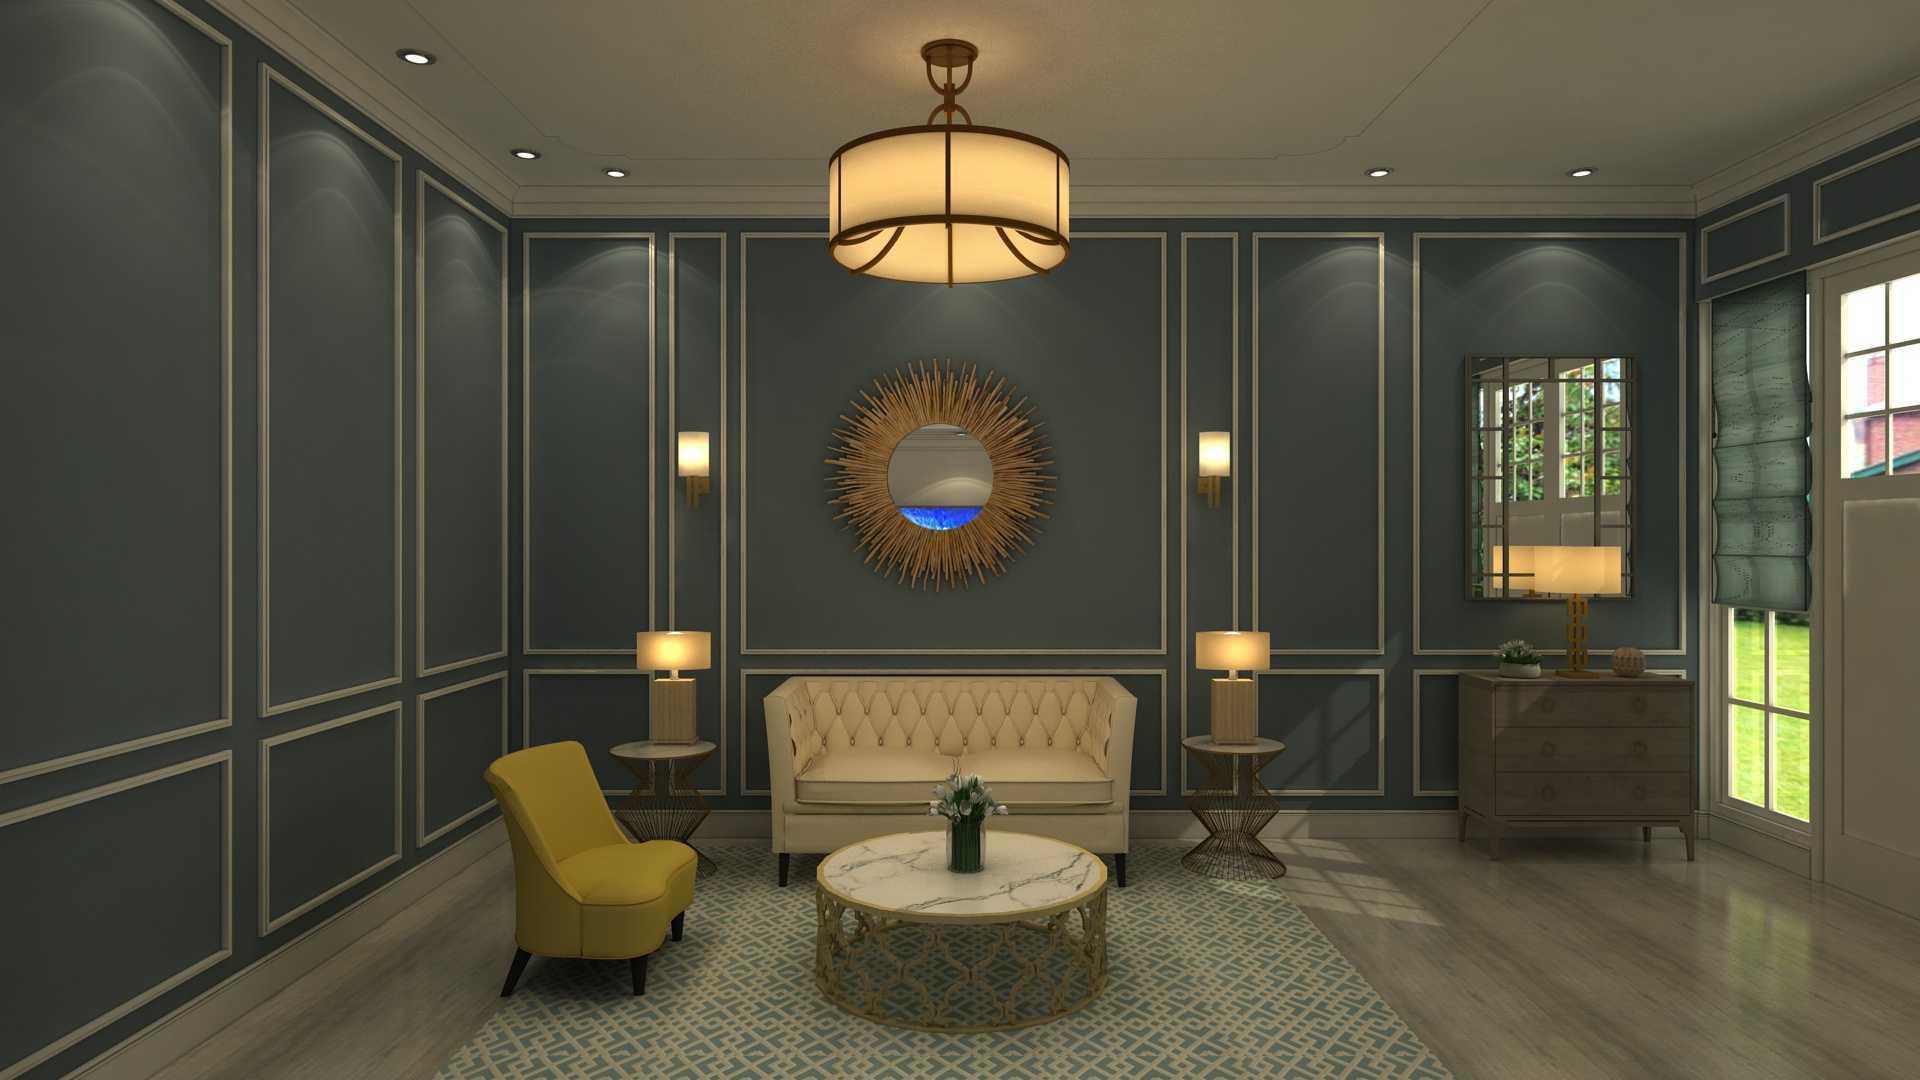 Vin•da•te Residence @ Semarang Semarang - Indonesia Semarang - Indonesia Guest Room Kontemporer  17628